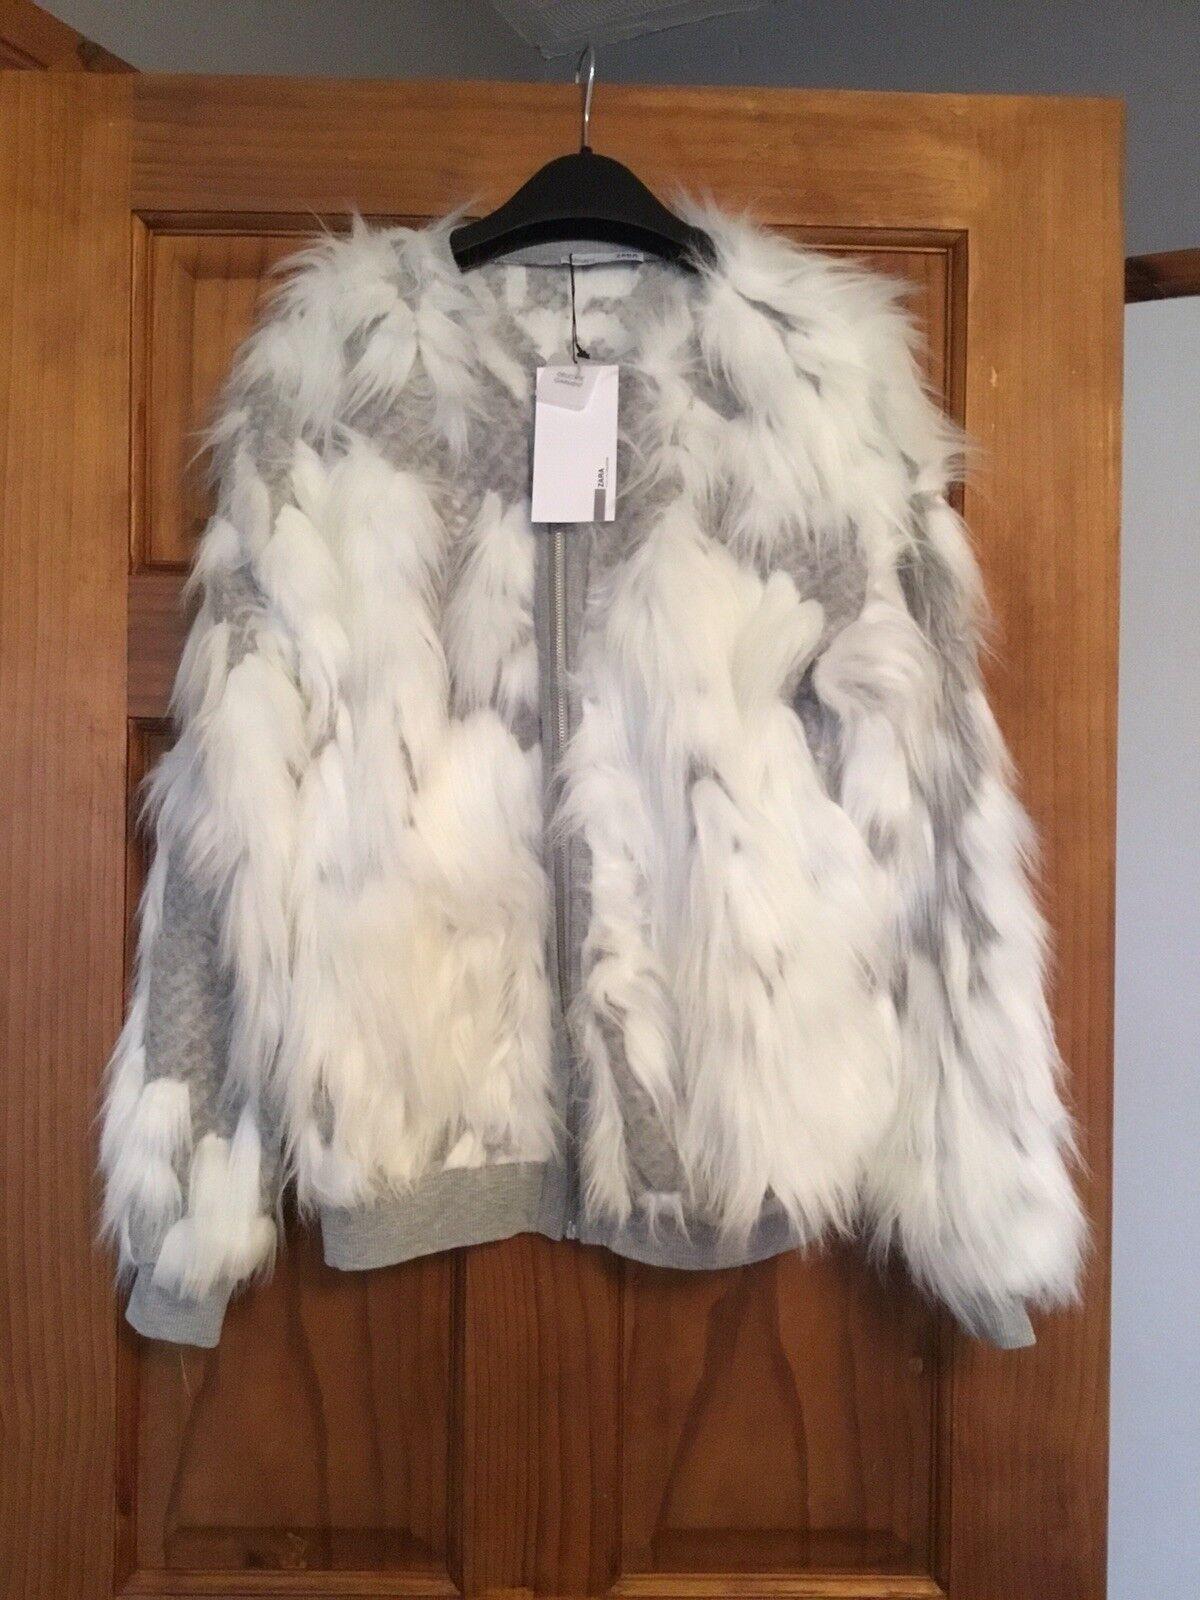 Zara Texturé Jacquard Veste Taille S Très Rare